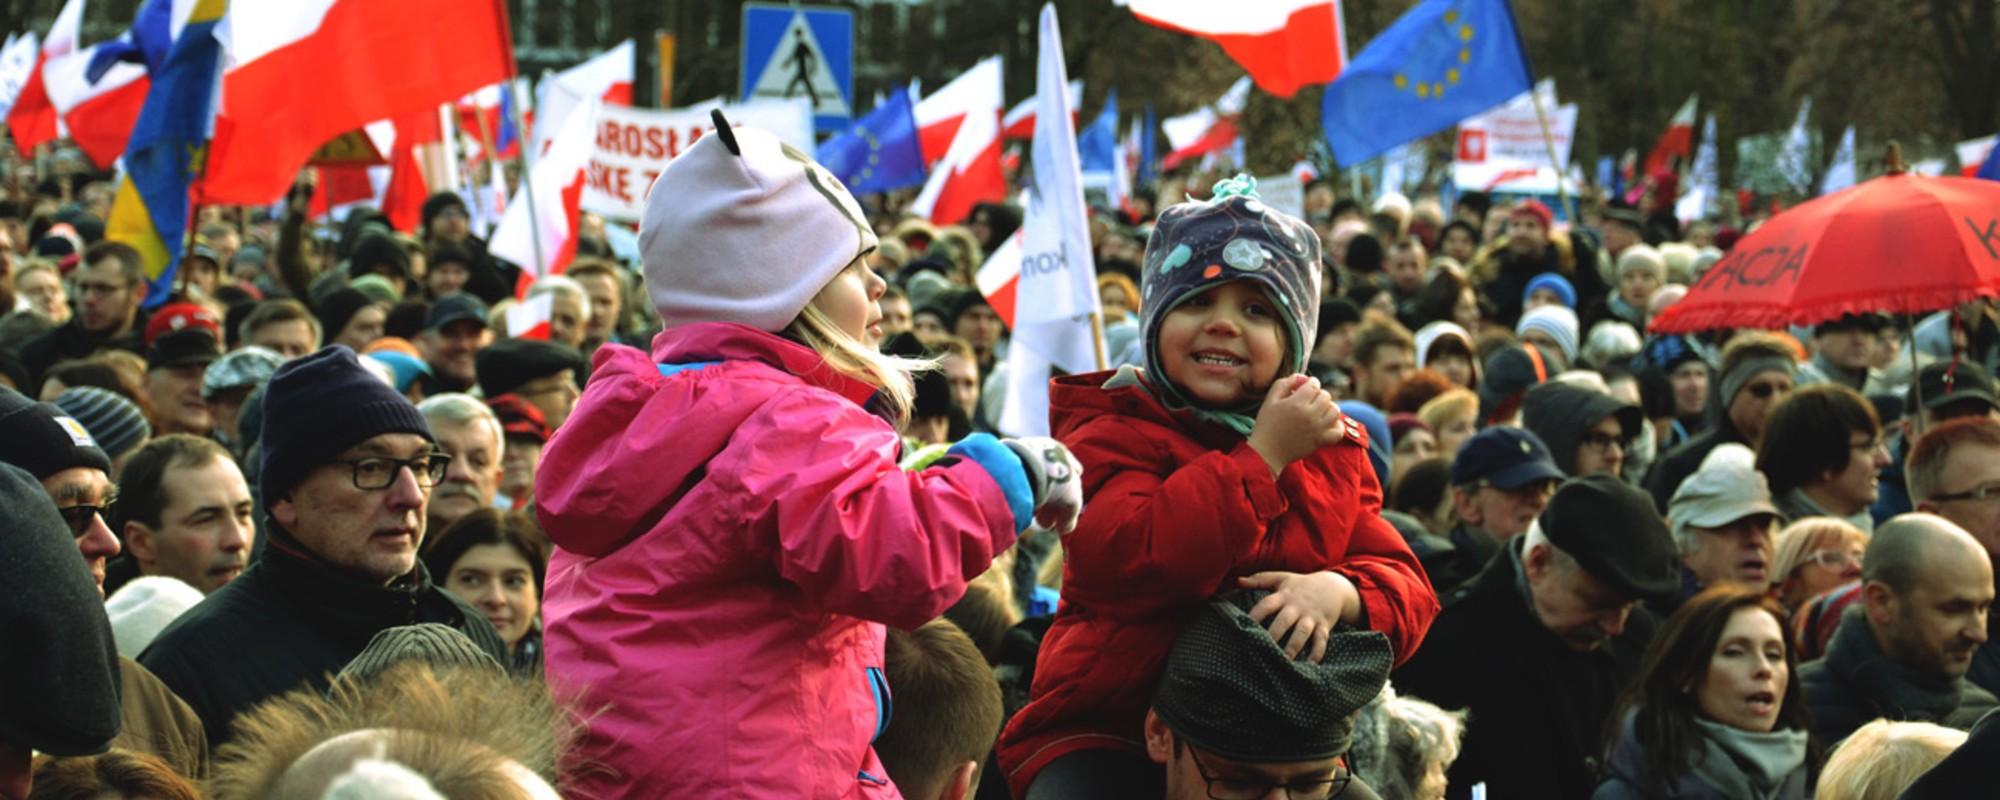 50 tysięcy Polaków wyszło na ulice Warszawy